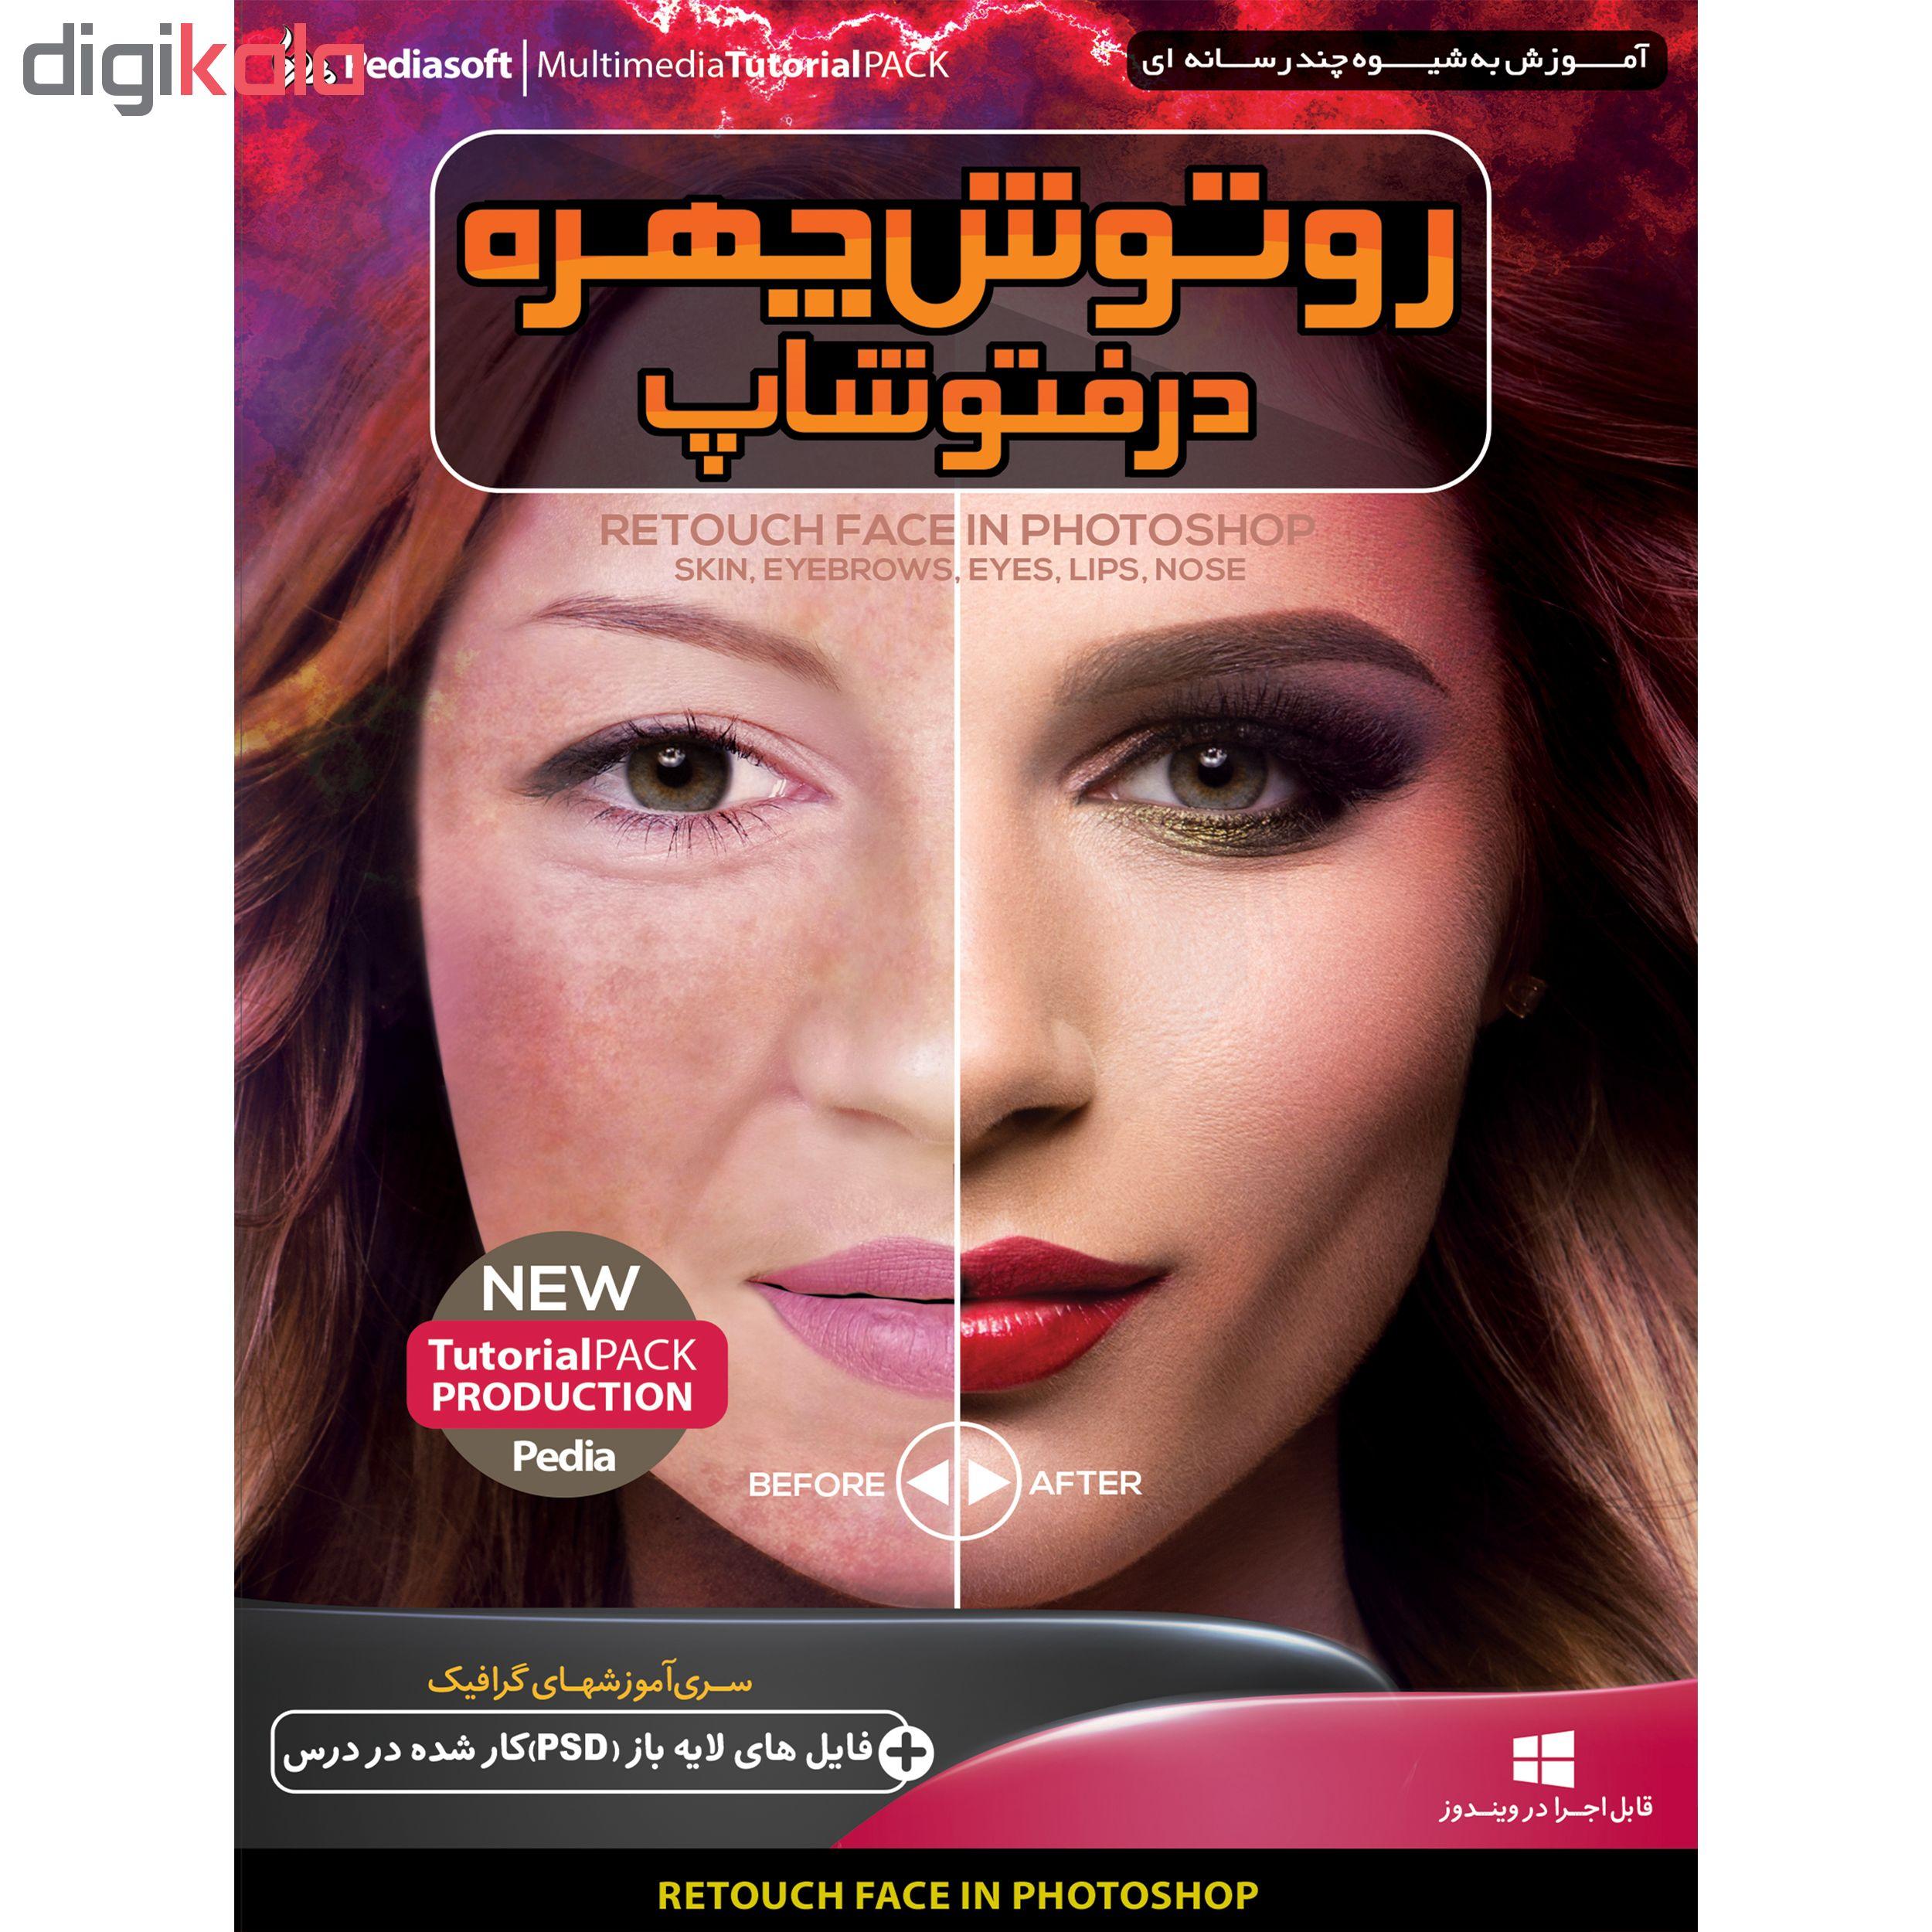 نرم افزار آموزشی رتوش چهره در فتوشاپ نشر پدیا سافت به همراه آموزش رازهای فتوشاپ حرفه ای نشر الکترونیک پانا